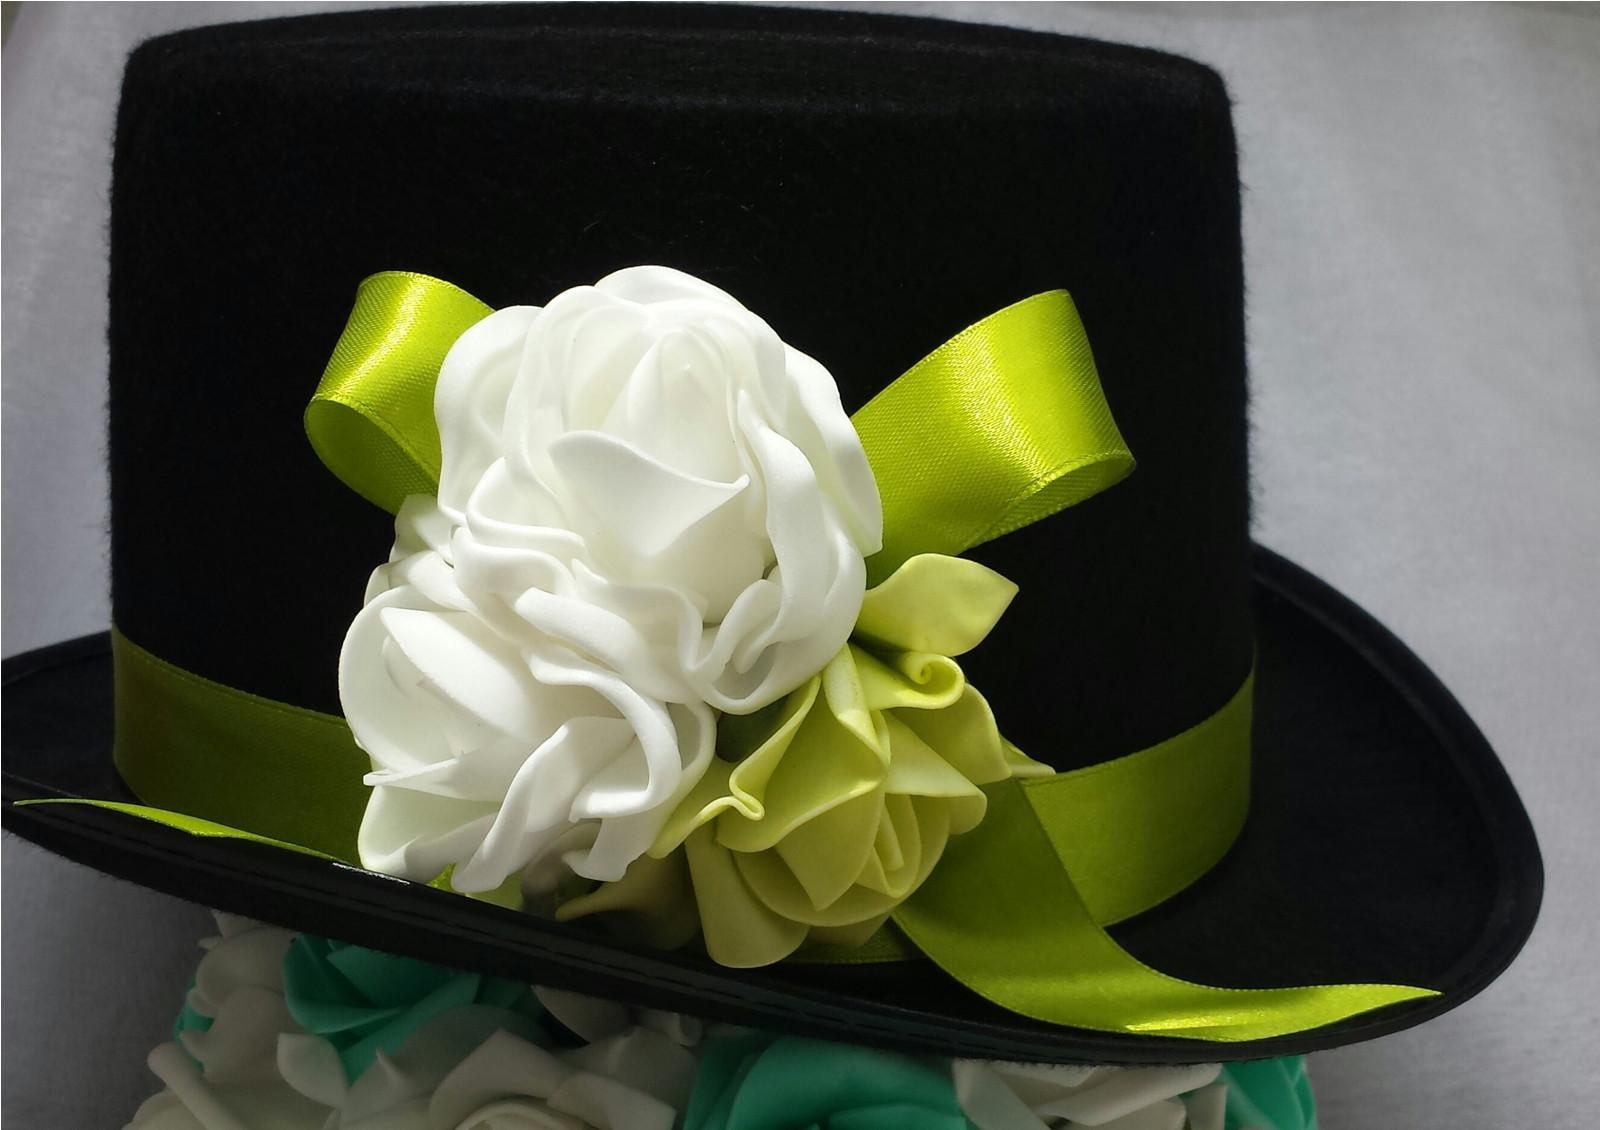 Cylindr na svatební auto - zelené jablko + bílá - Obrázek č. 1